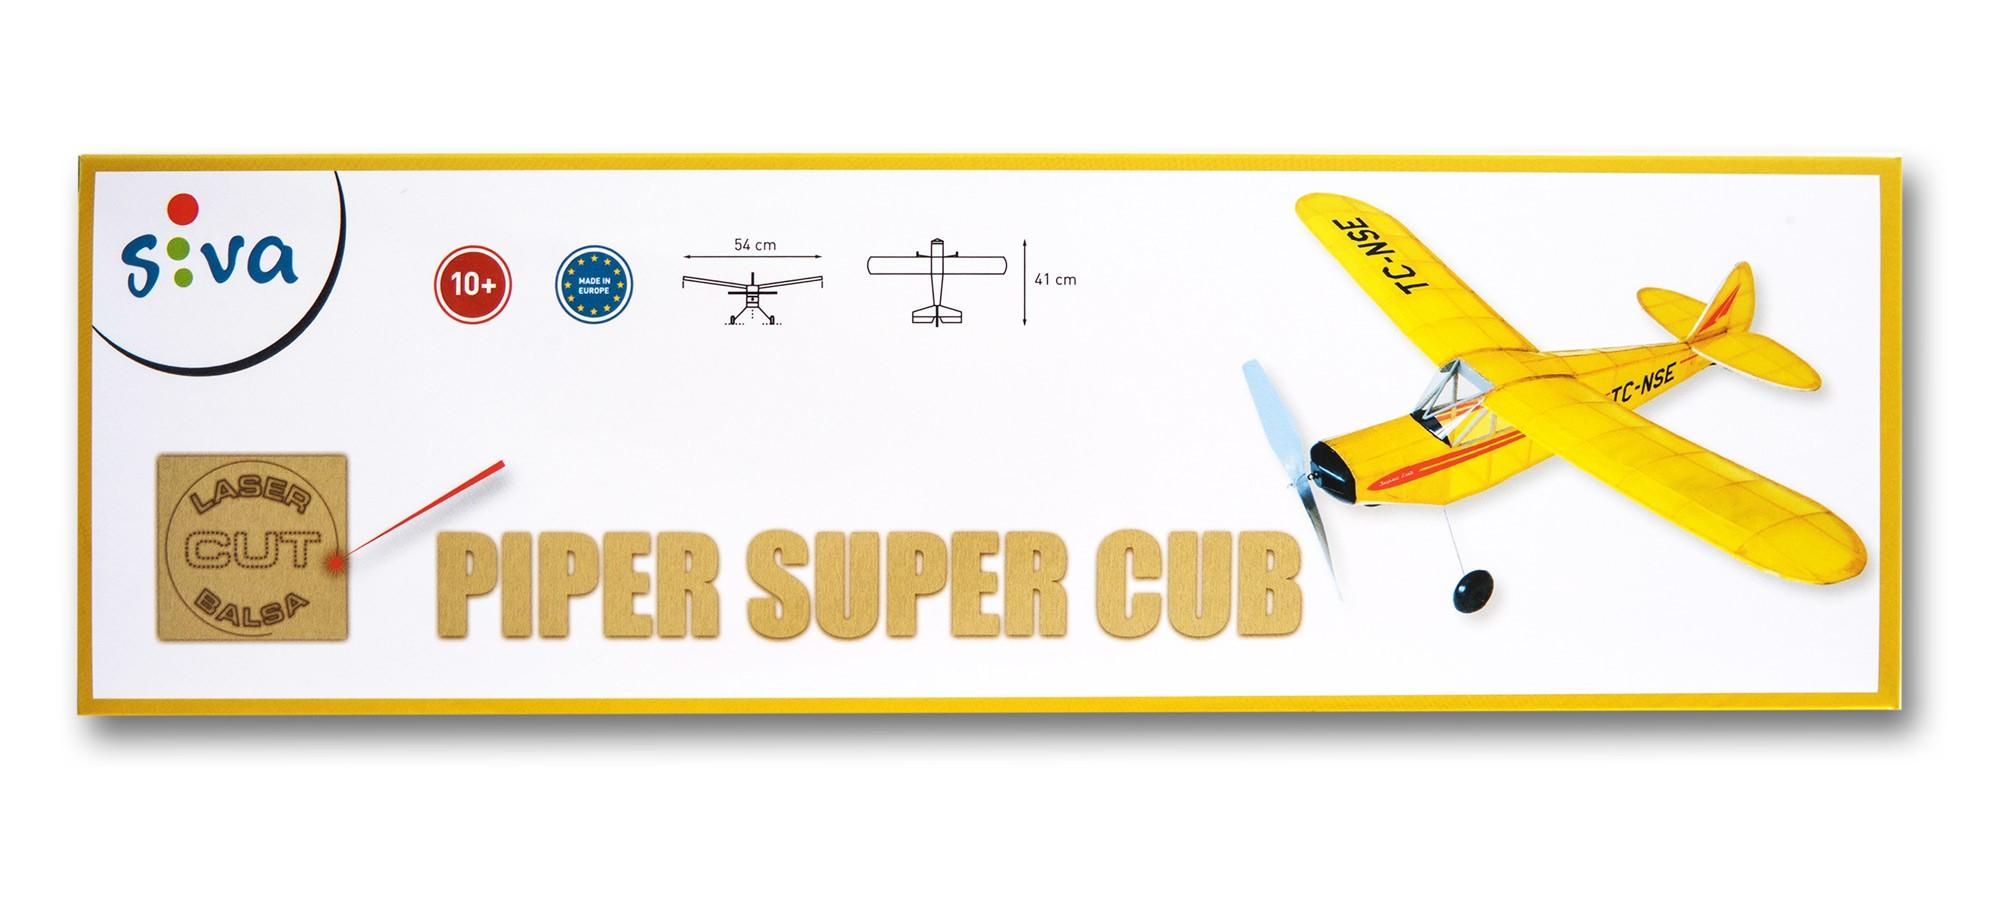 PIPER SUPER CUP GUMÁČEK